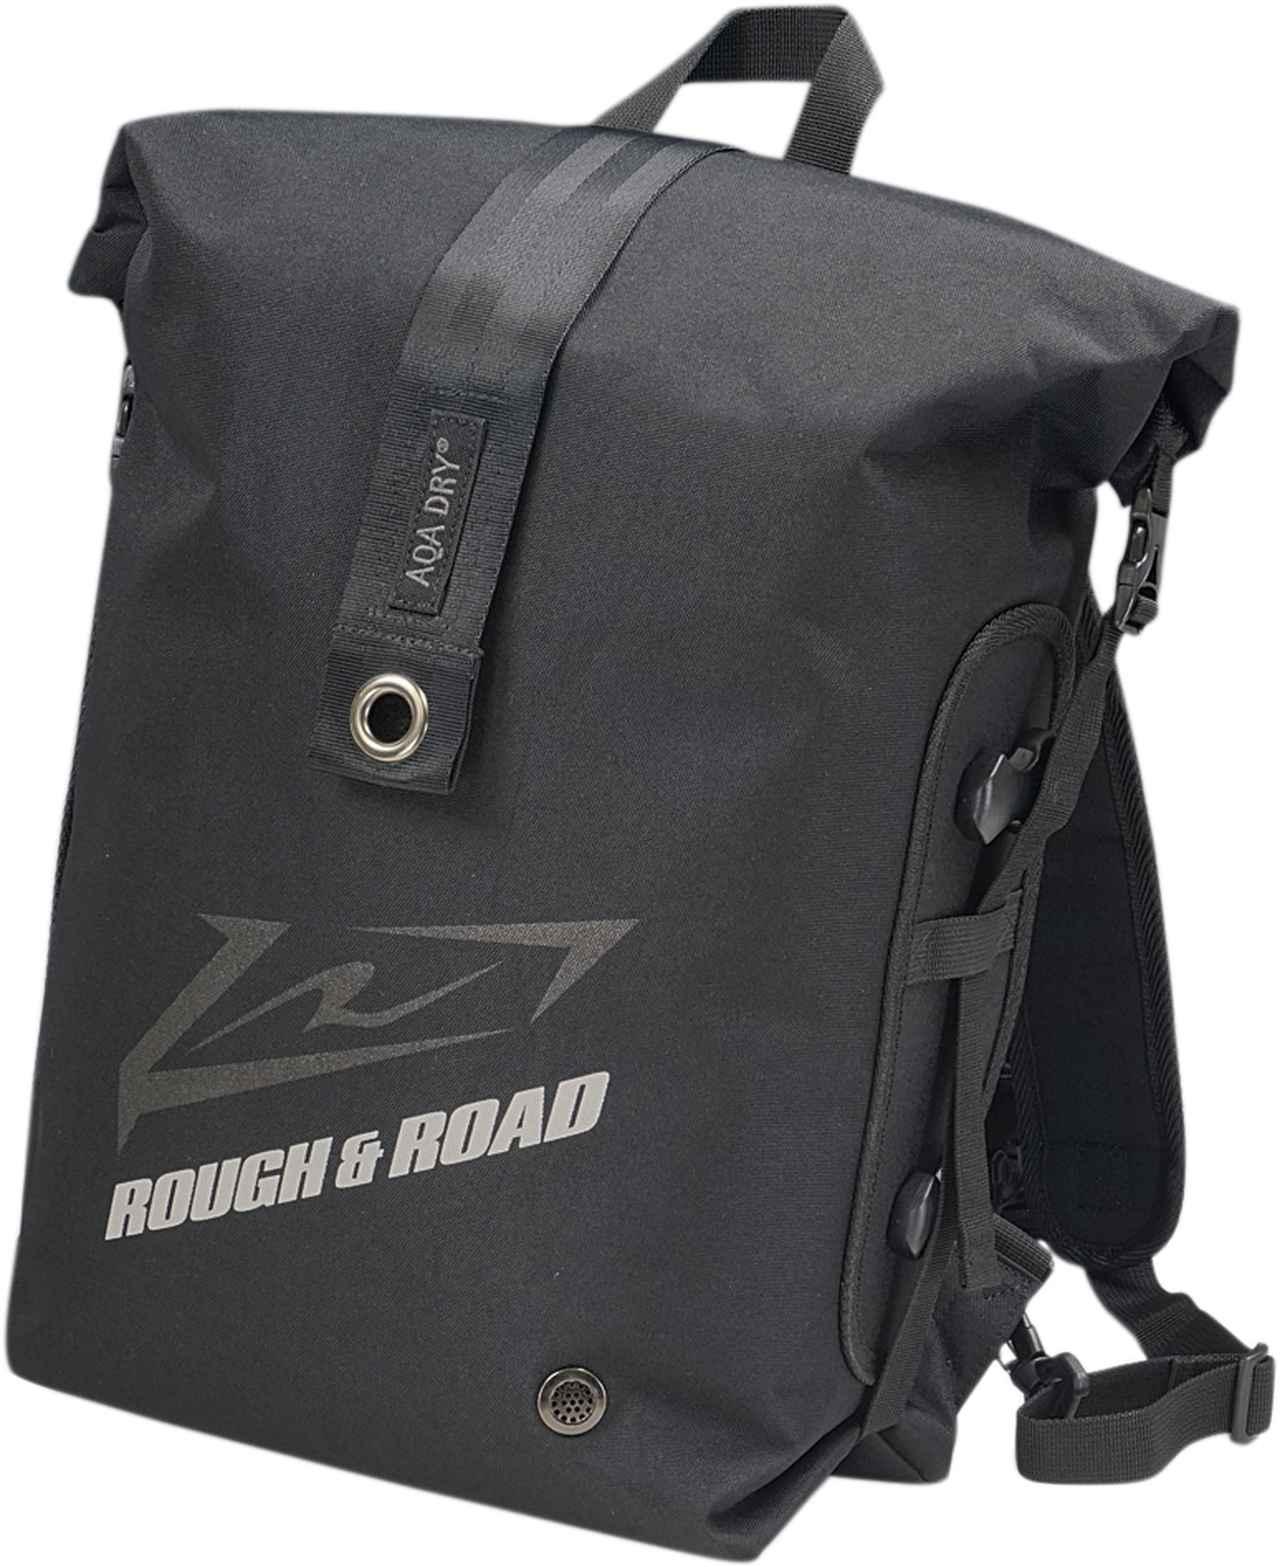 画像3: 防水リュック?防水シートバッグ?正解は両方です! コスパ良好、便利なバイク用防水バッグがラフ&ロードから新登場